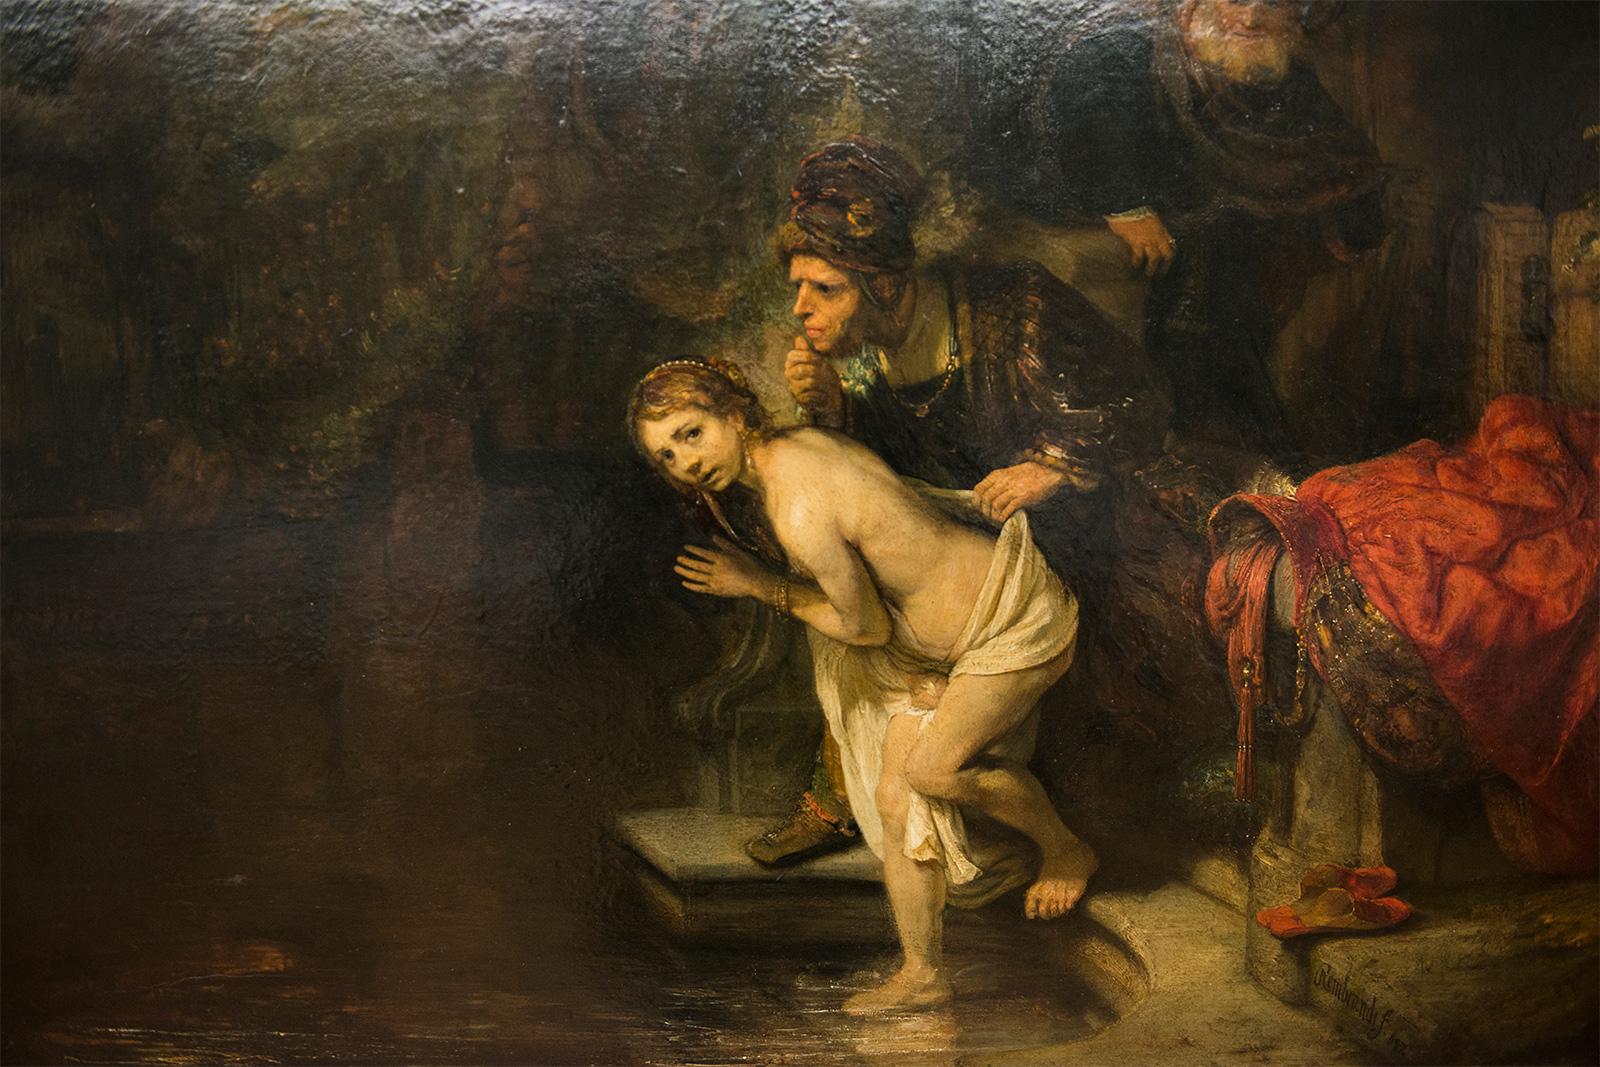 Suzanne et les deux vieillards 1647 - Rembrandt van Rijn - Huile sur bois (acajou) 76,6 x 92,7 cm - Berlin, Gemäldegalerie - Rembrandt peint sa Suzanne en 1647, une période où sa palette se réduit - ici des bruns, des ocres, des rouges.